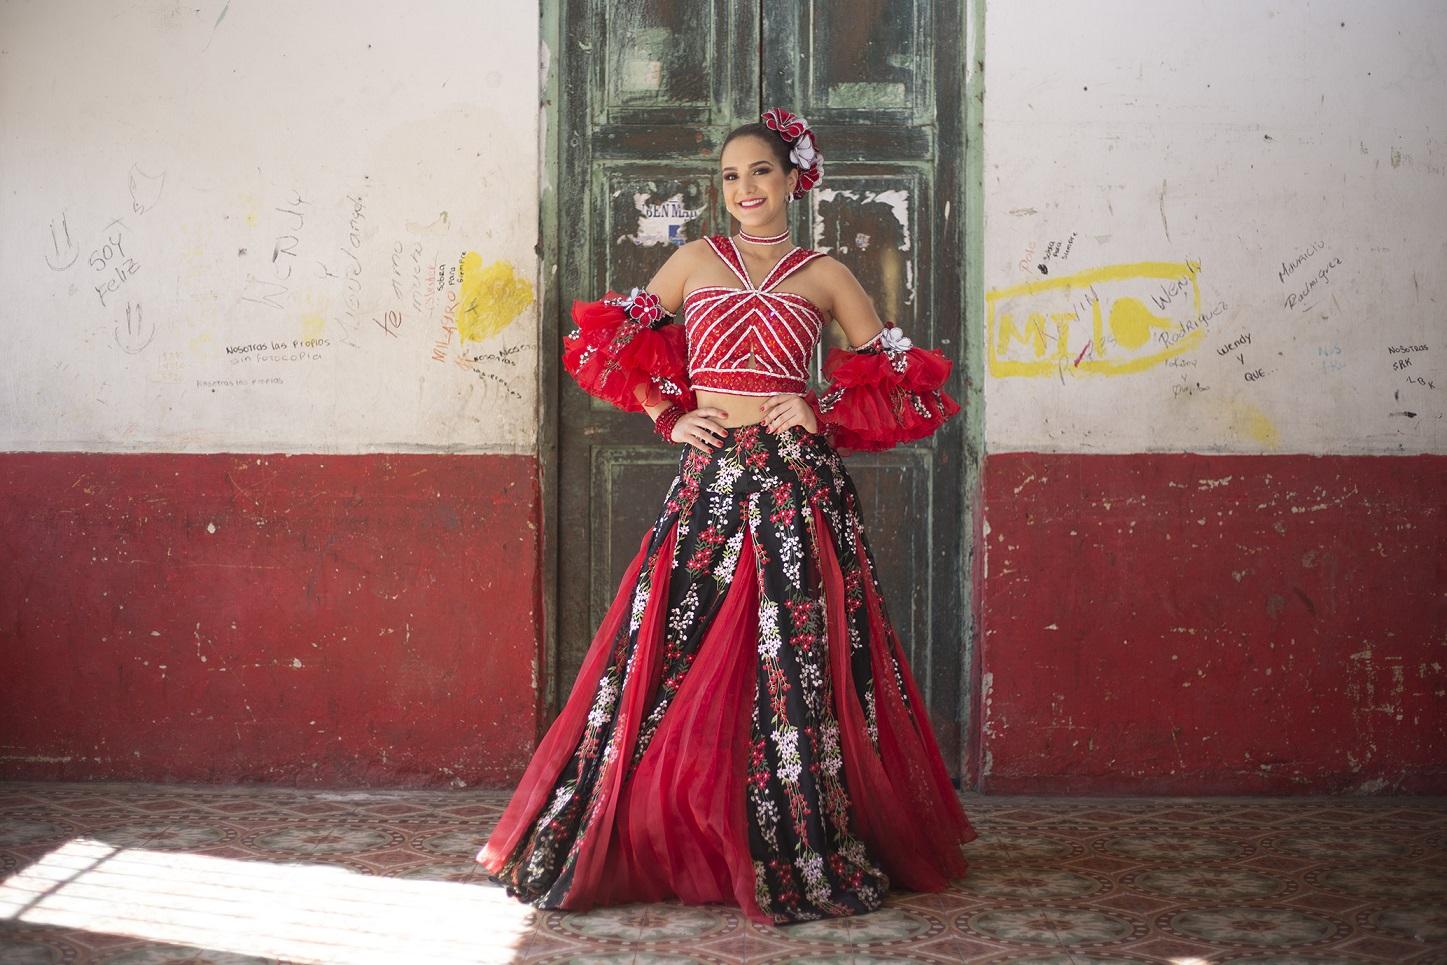 La Reina Valeria inicia el 2018 con izadas de Cumbiambas, Congos y Comparsas del Carnaval